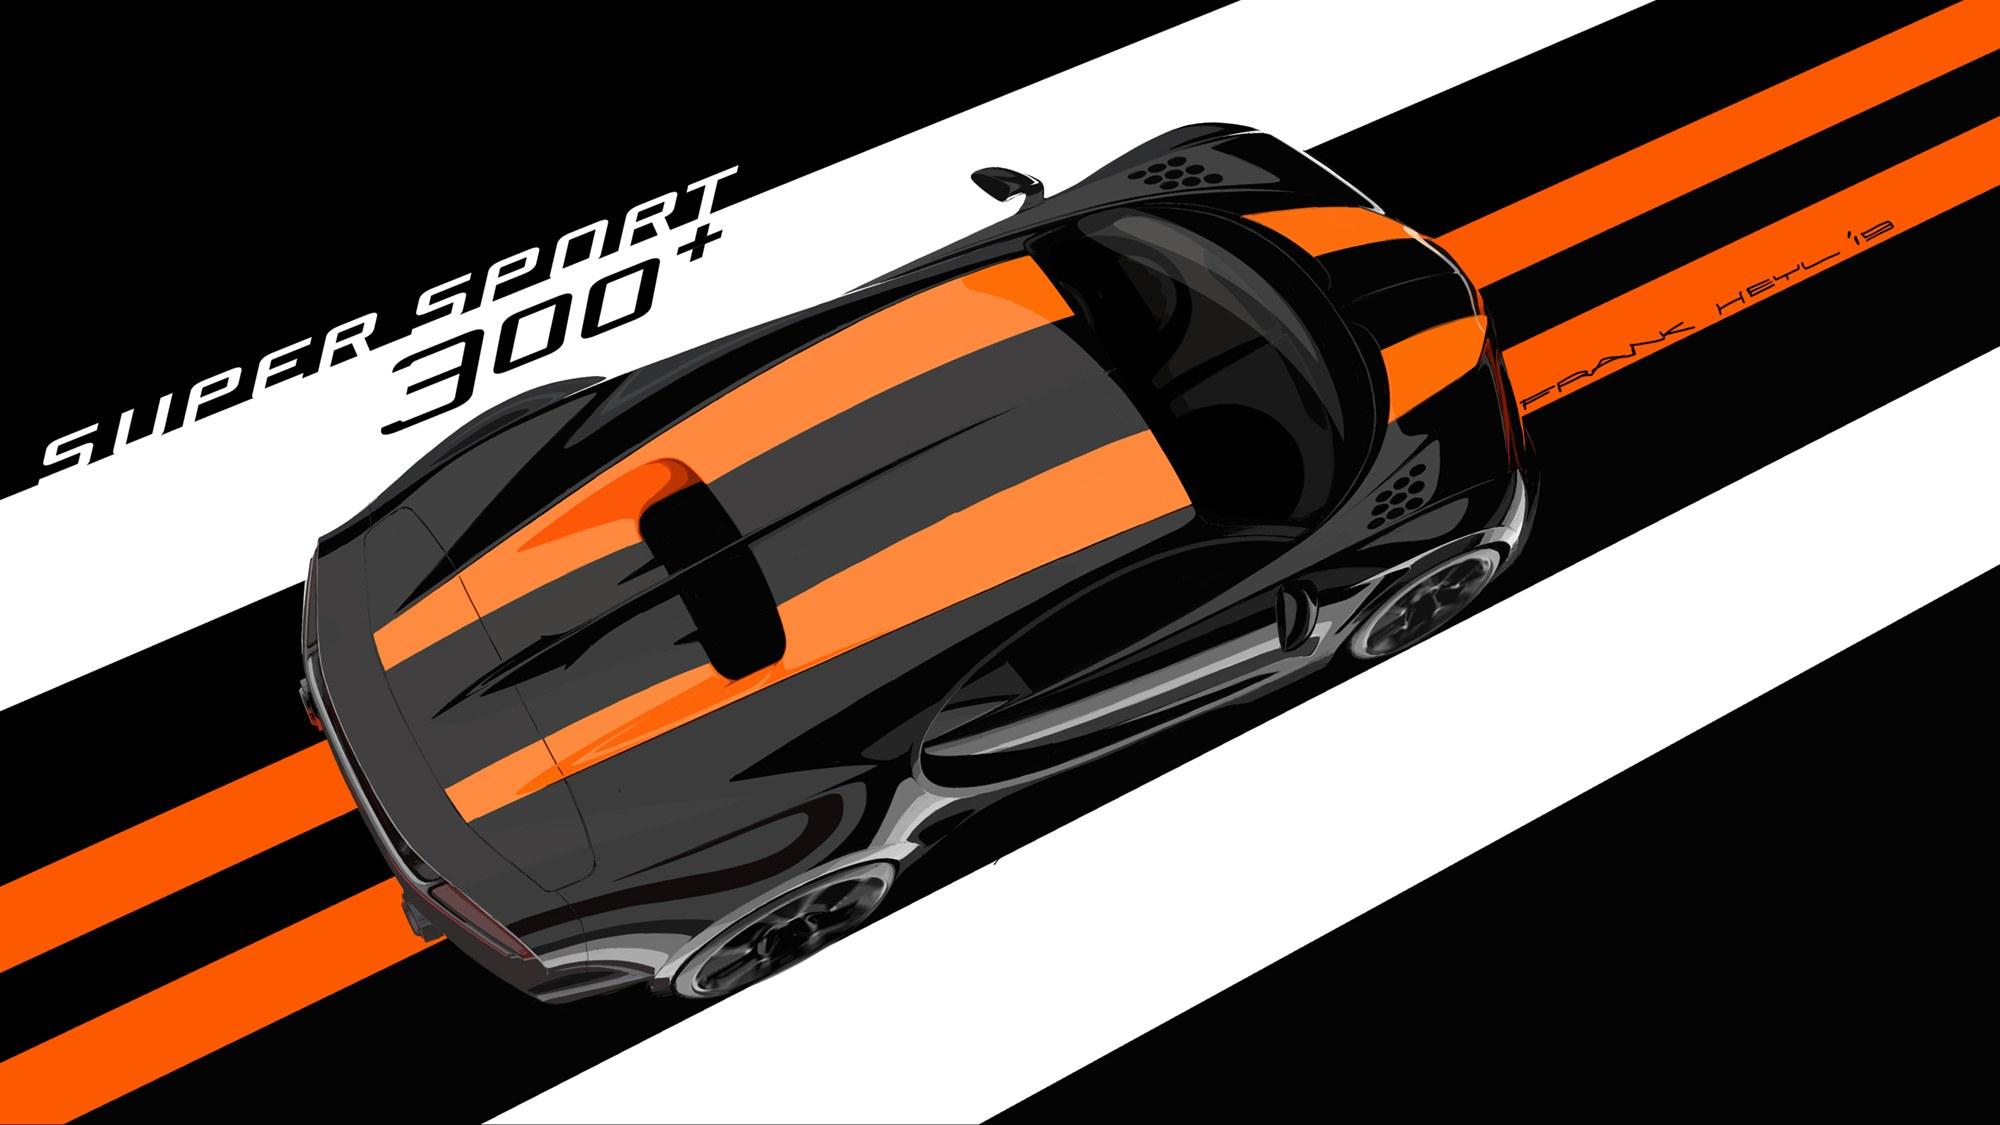 ブガッティのオートクチュール戦略から考えるカーデザインの重要性